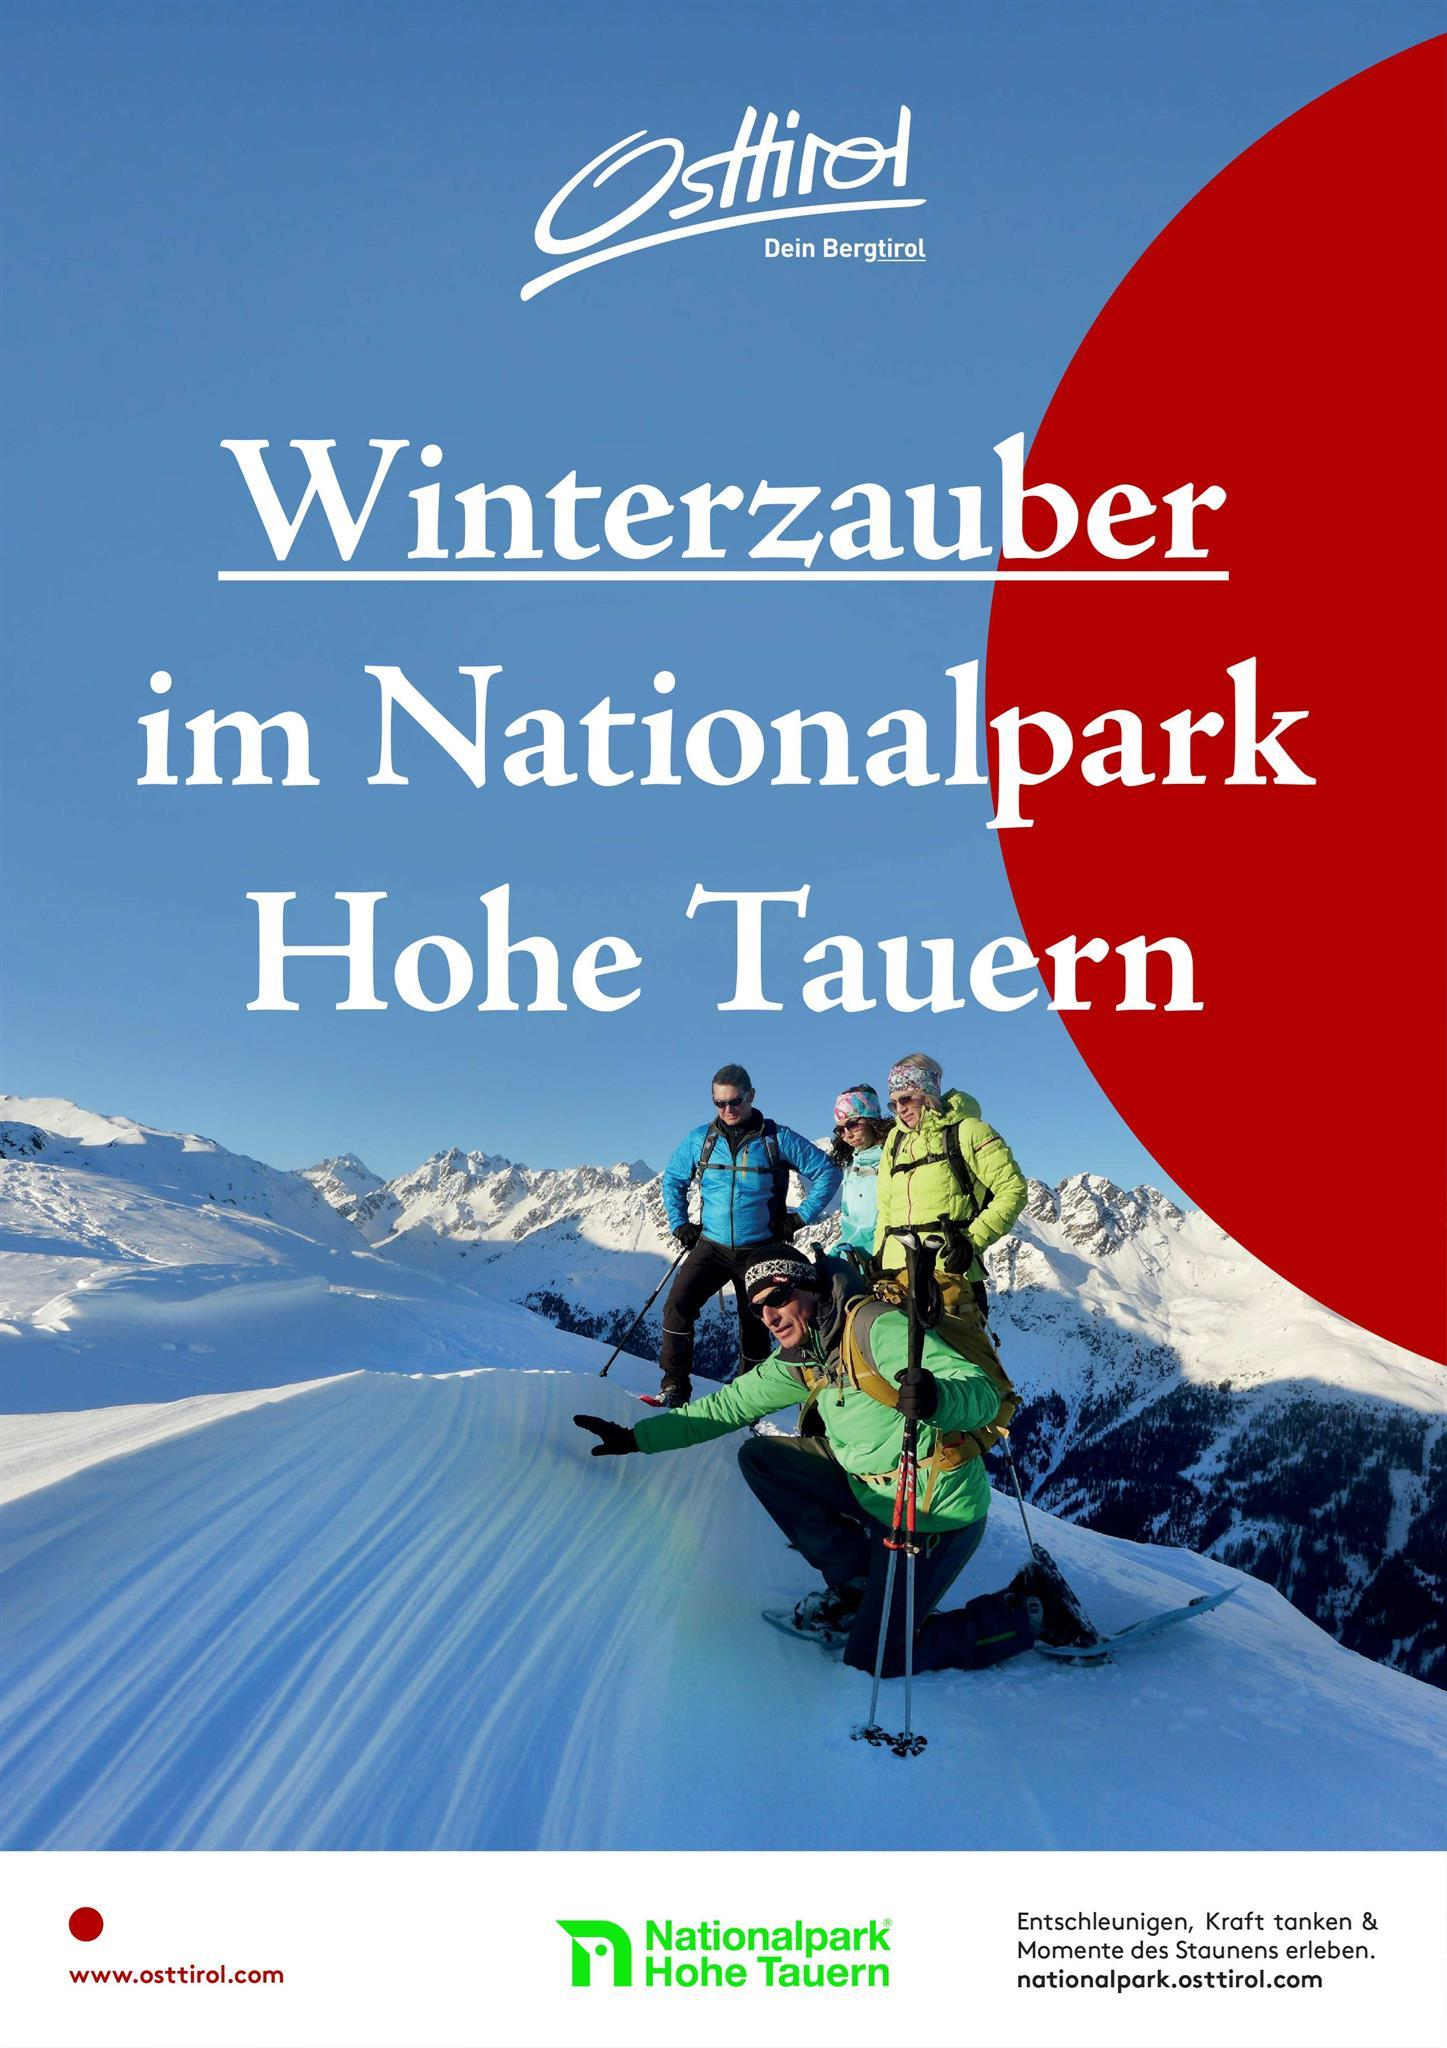 Nationalpark-Hohe-Tauern-Titelbild.jpg